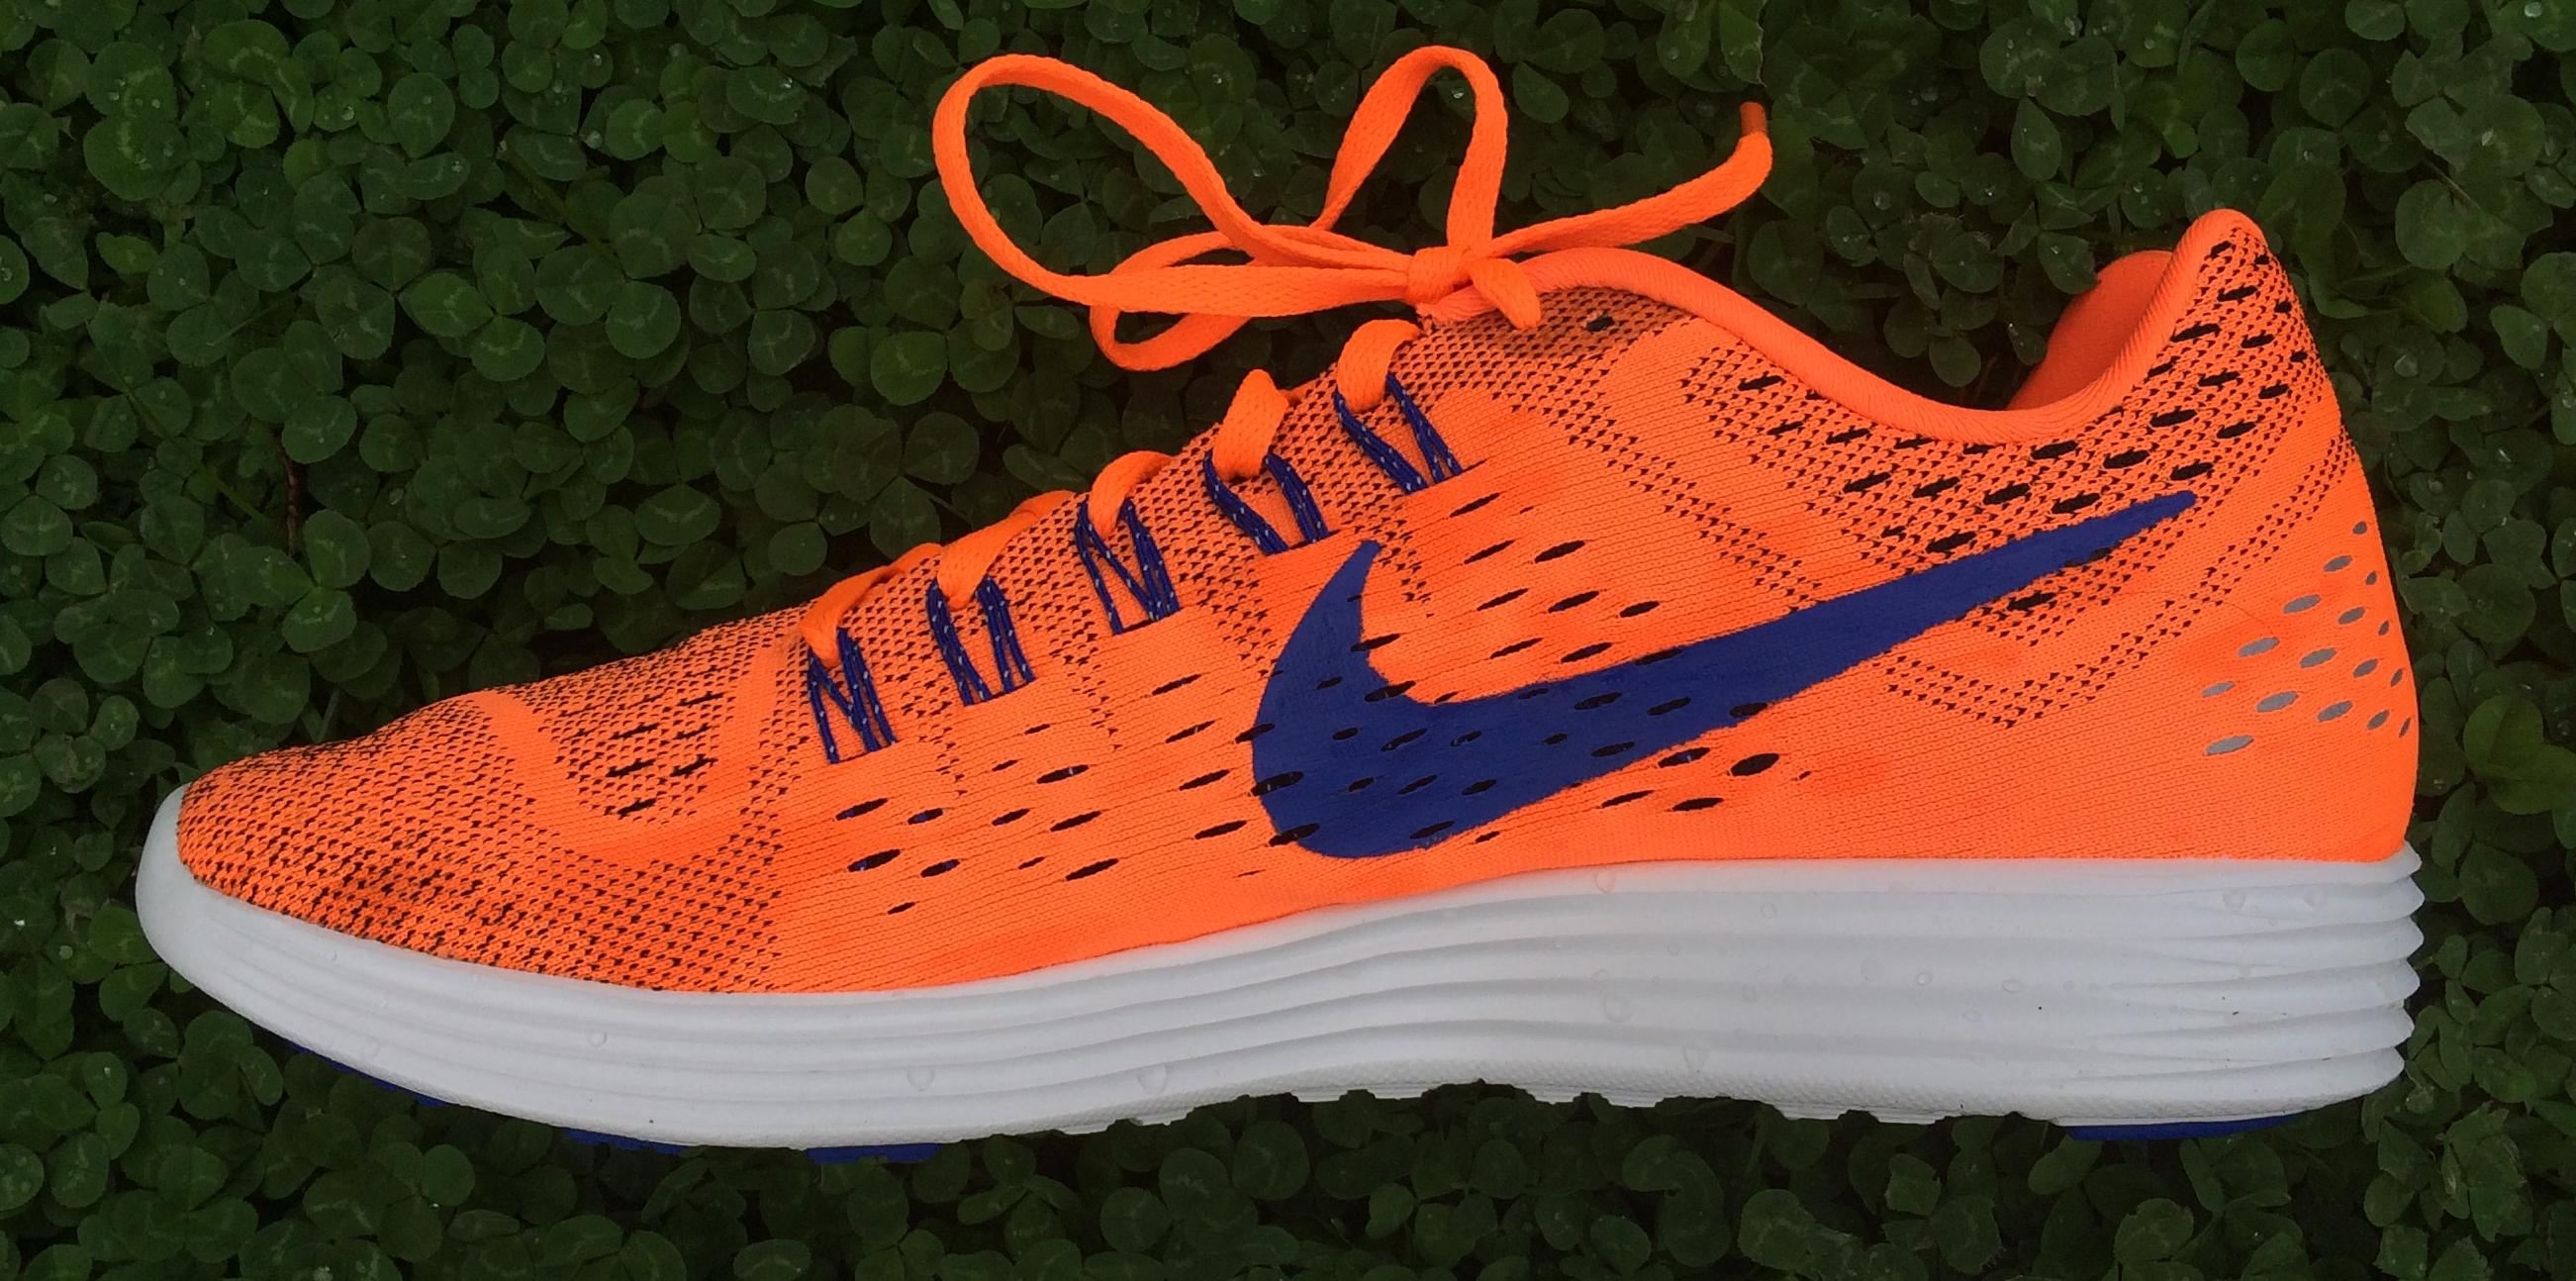 brand new a6458 72e72 Nike Lunartempo Running Shoe Review